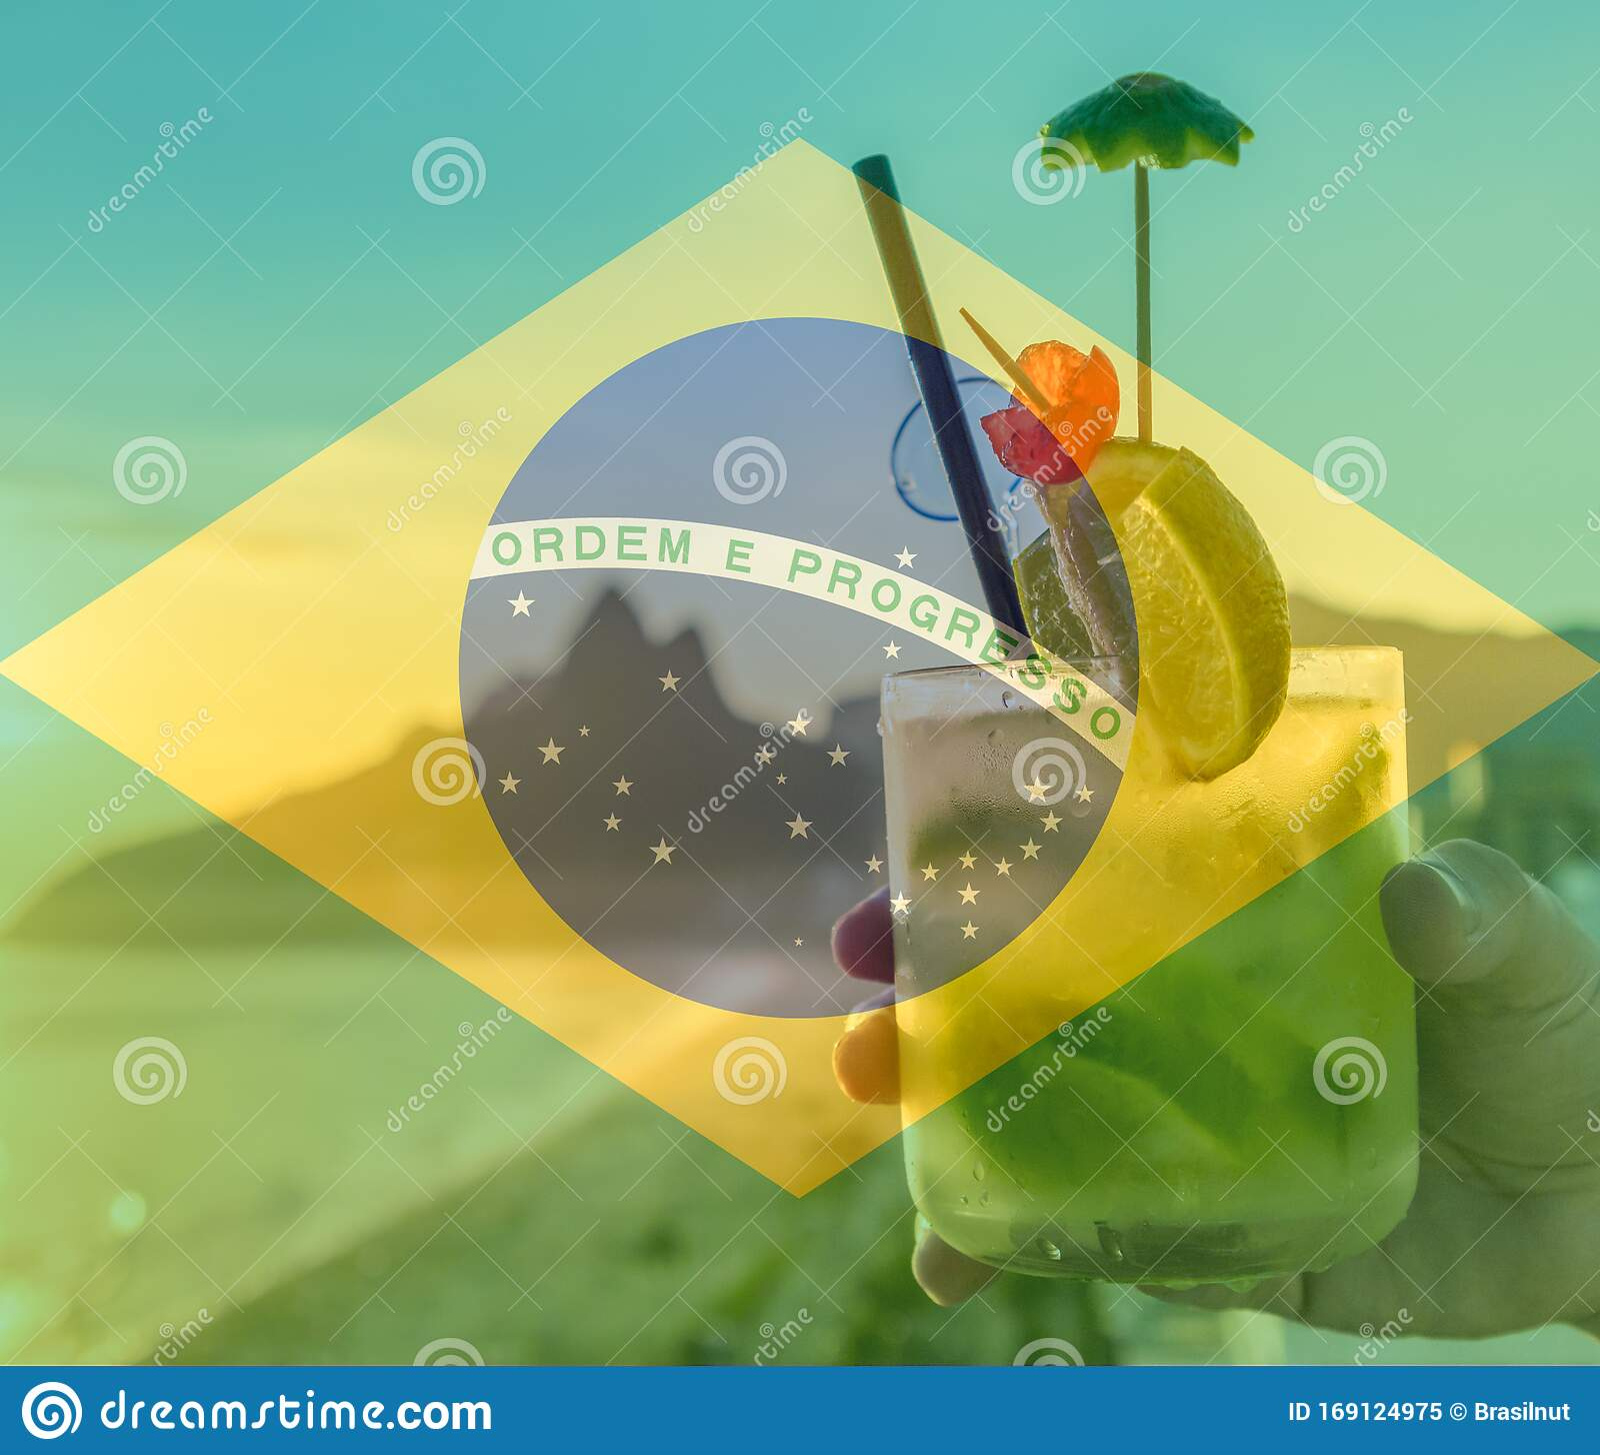 caipirinha cocktail mit brasilianischer flagge als